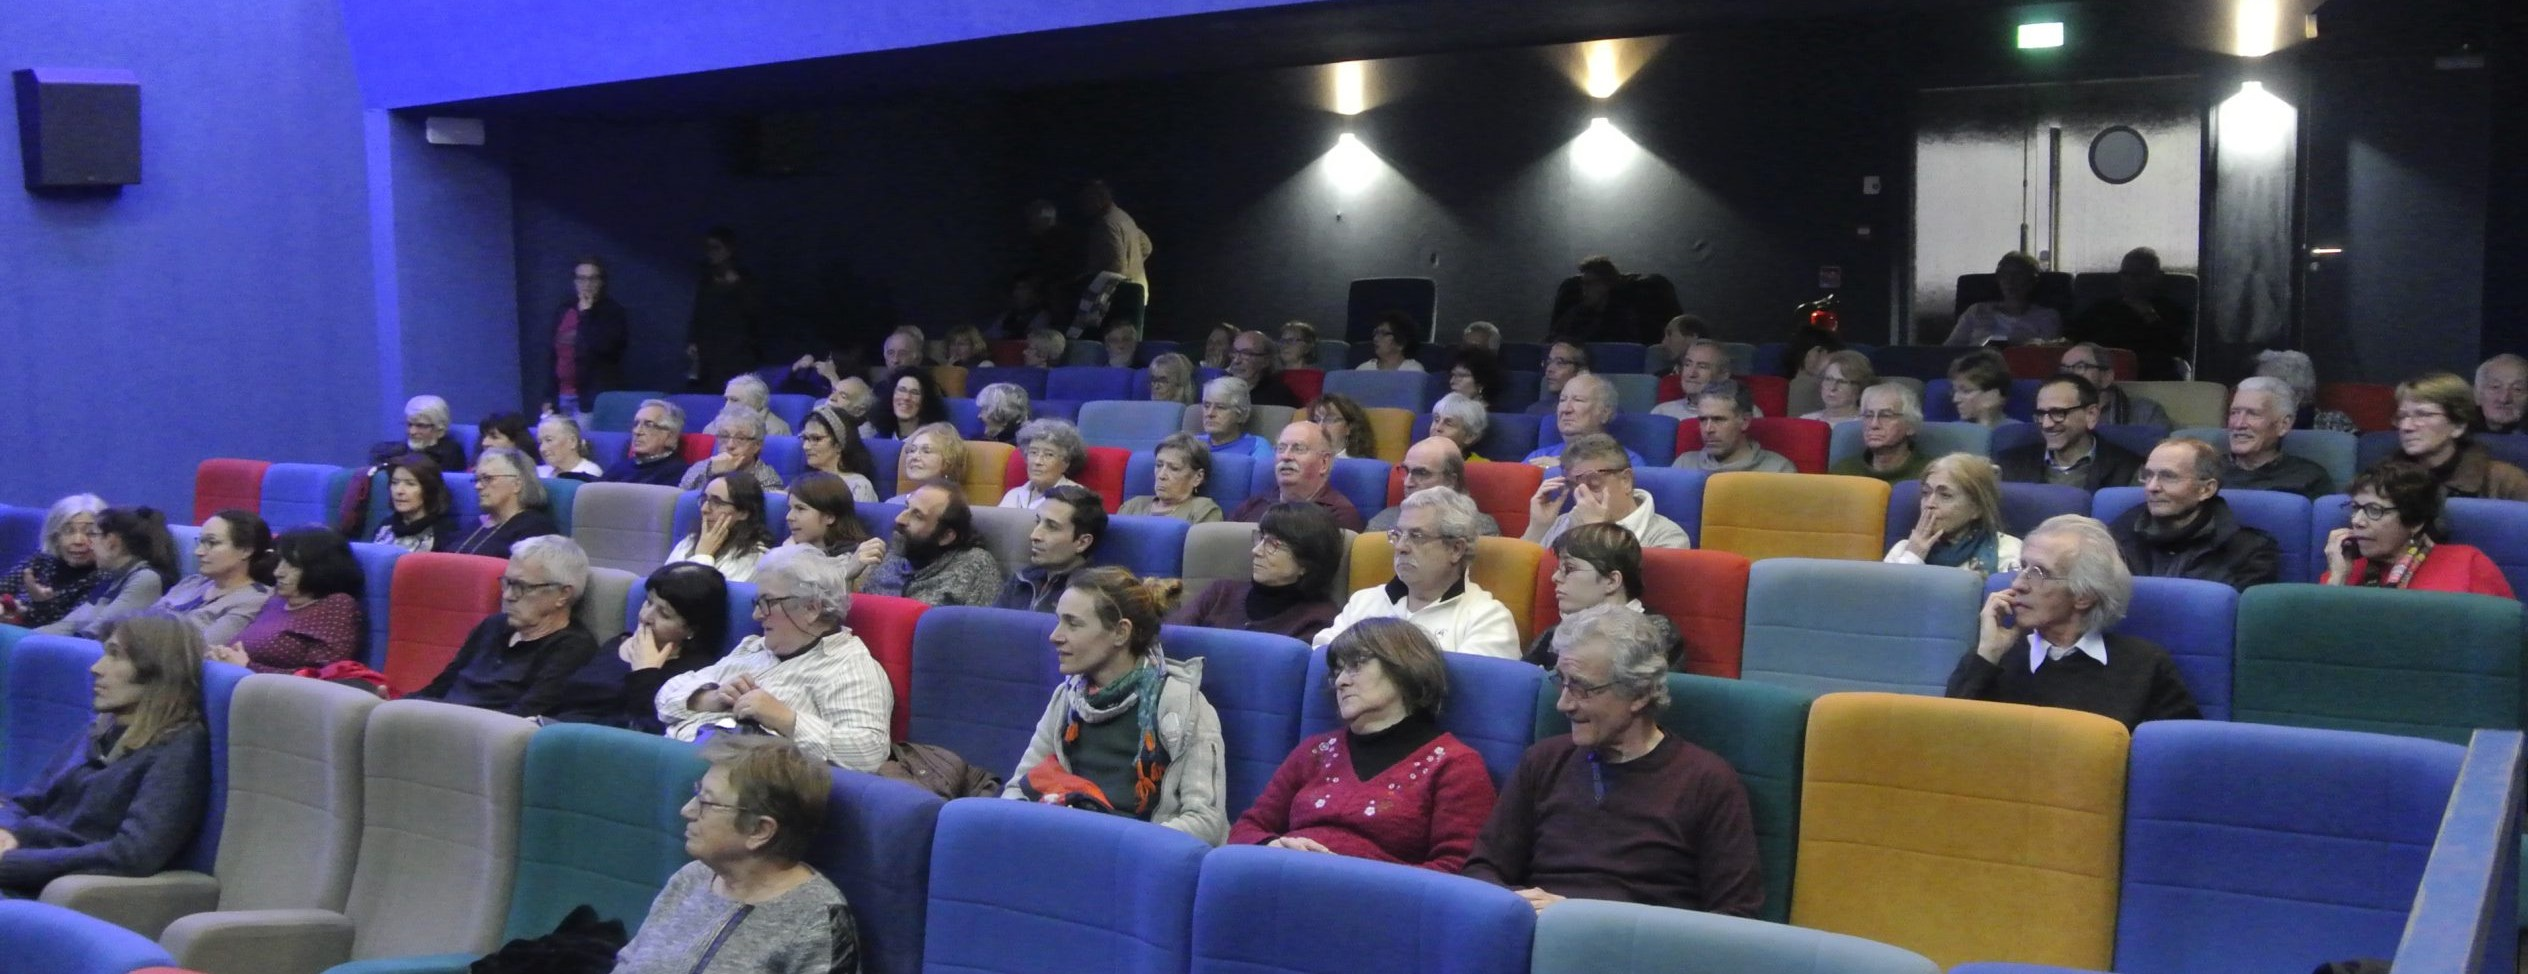 Cinema Le Lido